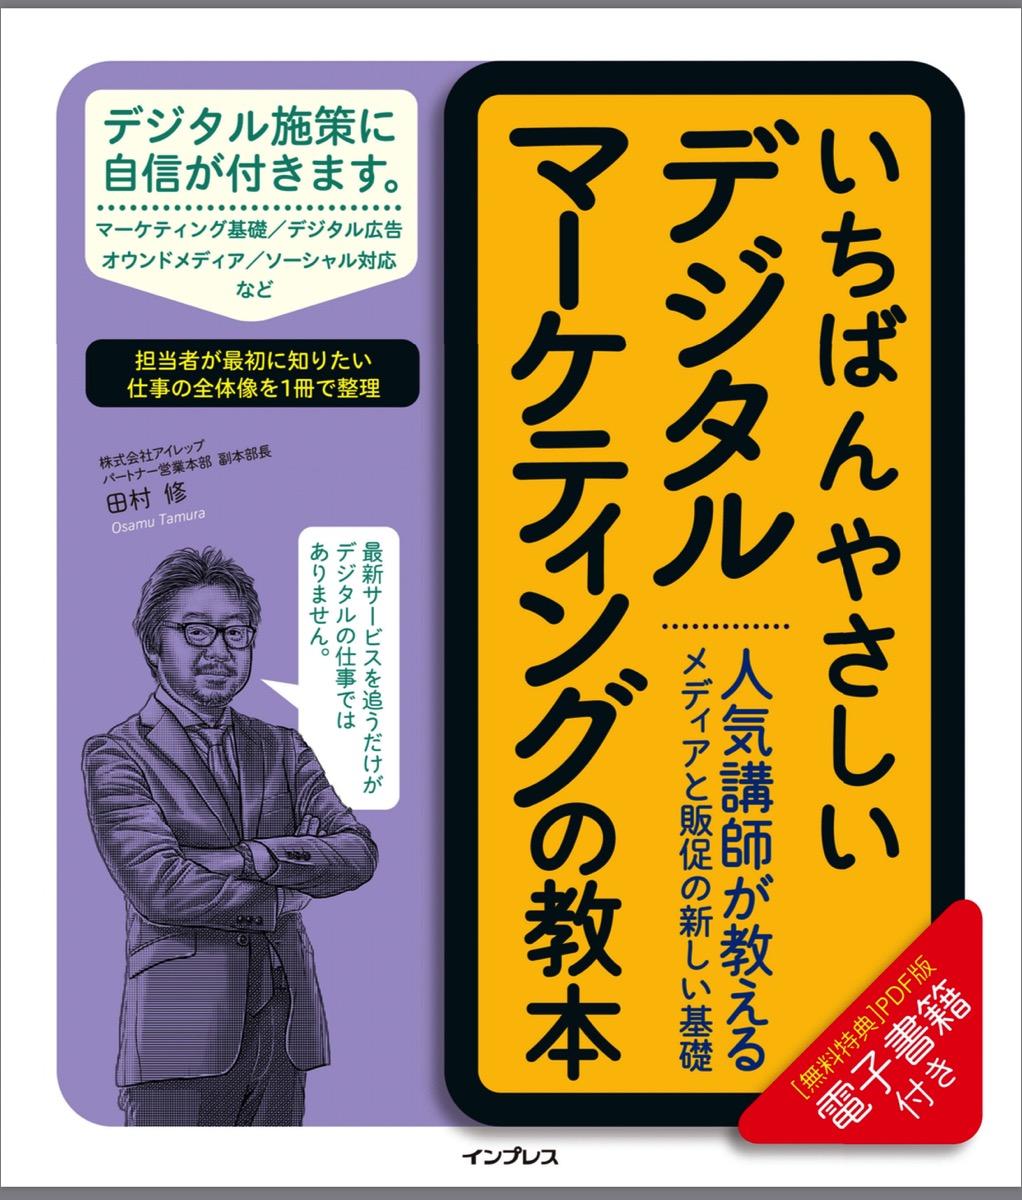 デジタルマーケティングの教本